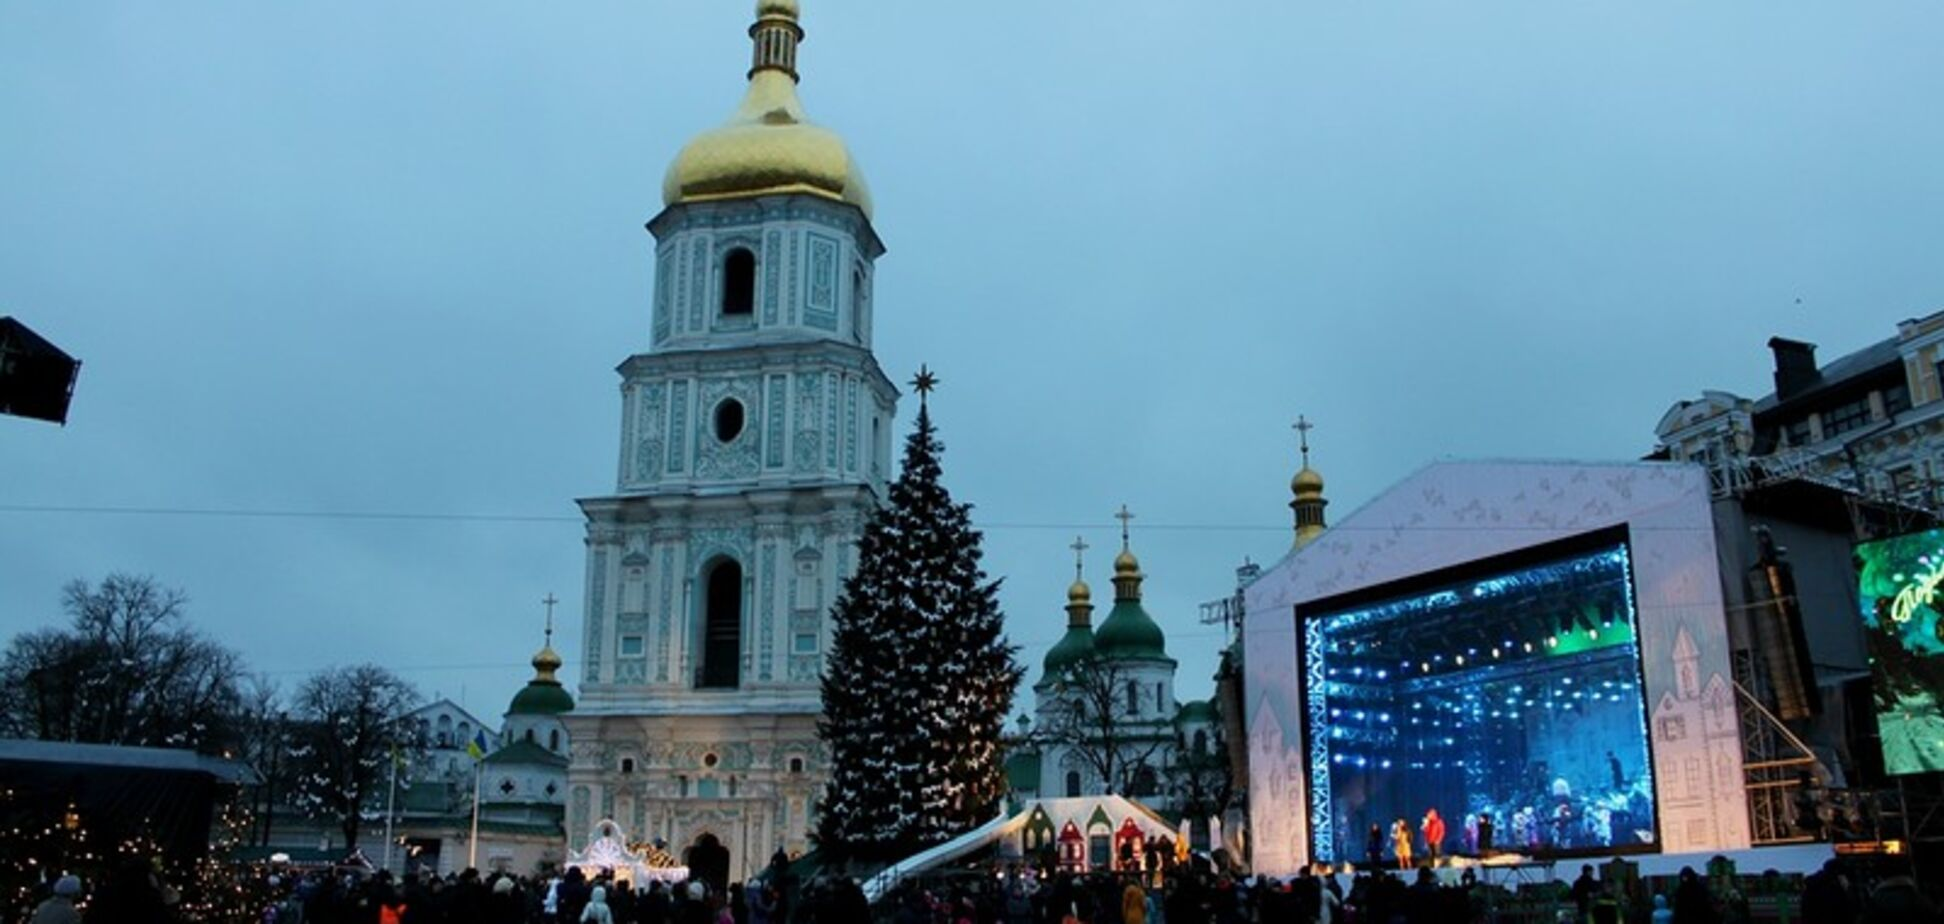 Софийская площадь, Новый год